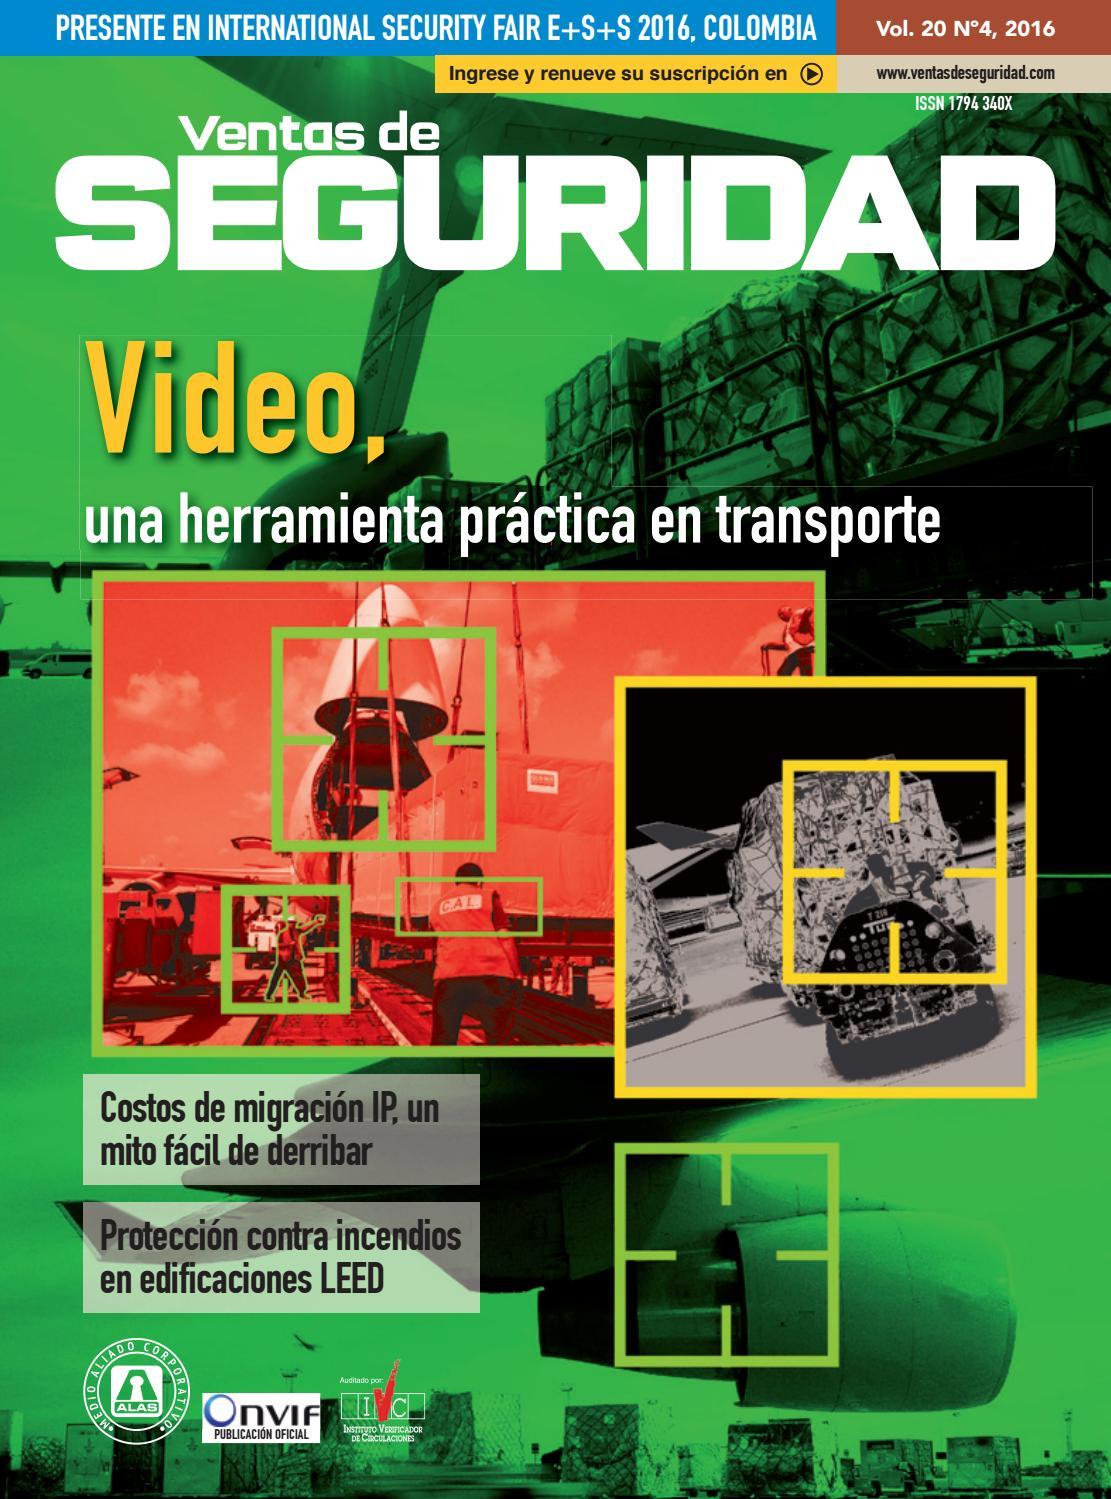 VENTAS DE SEGURIDAD 20-4 by Latin Press, Inc. - issuu